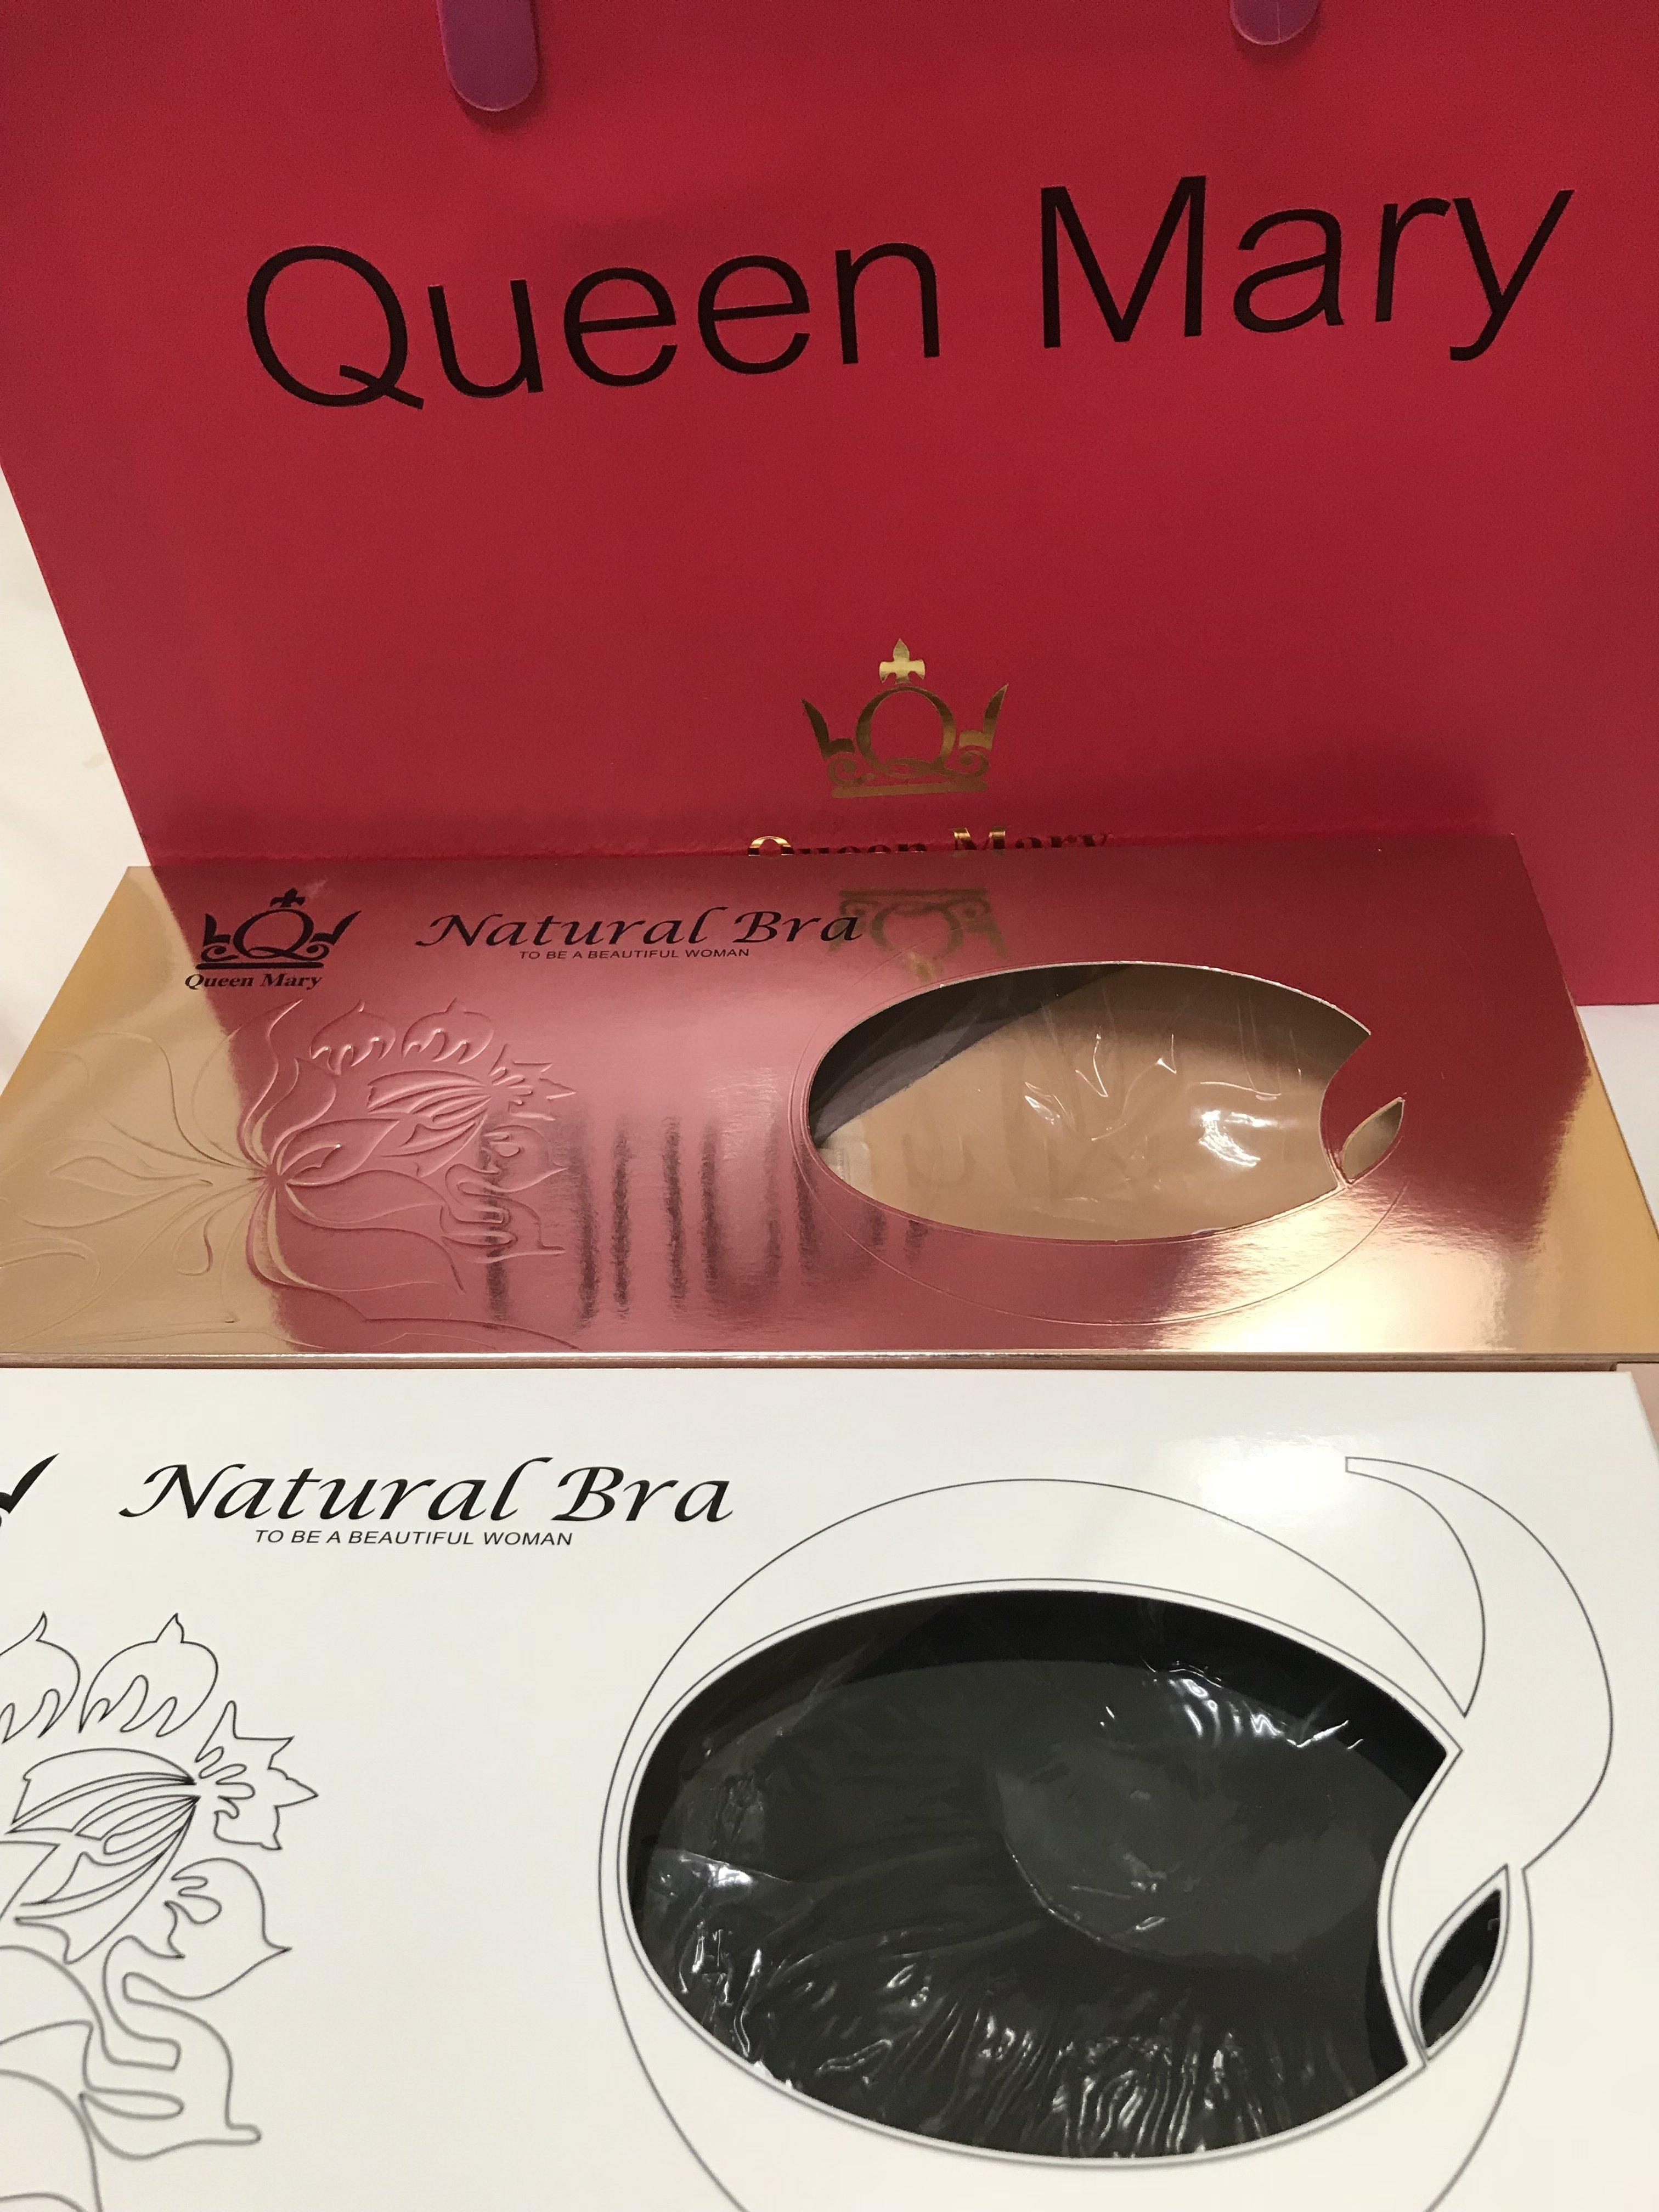 特派員體驗-Queen Mary內衣,舒適又透氣的平價選擇-廠商評價